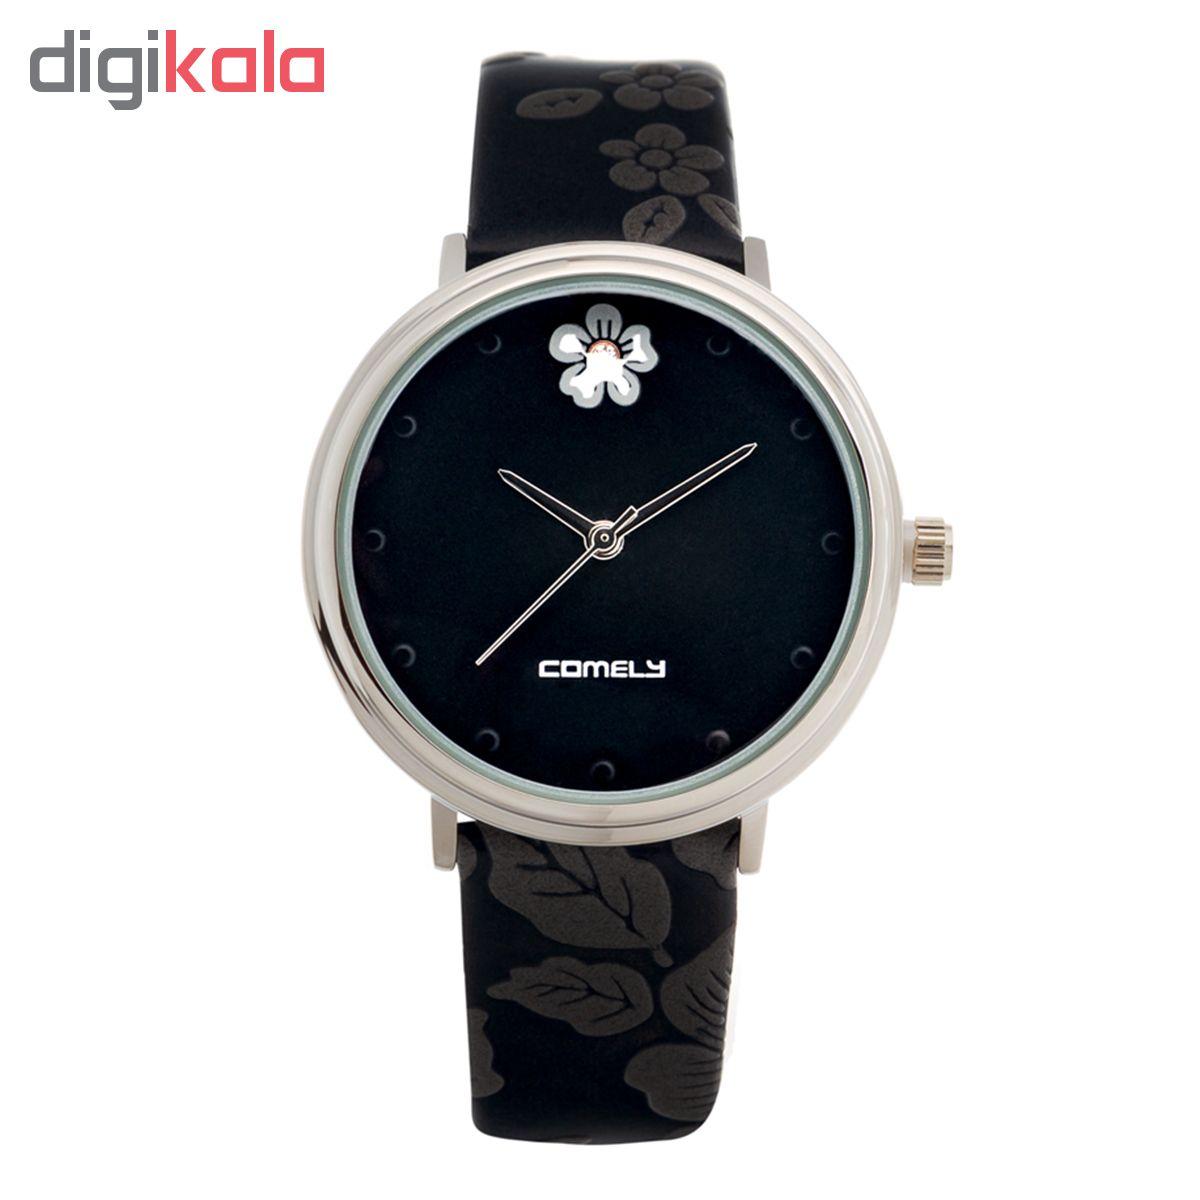 ساعت زنانه برند کاملی کد W1153